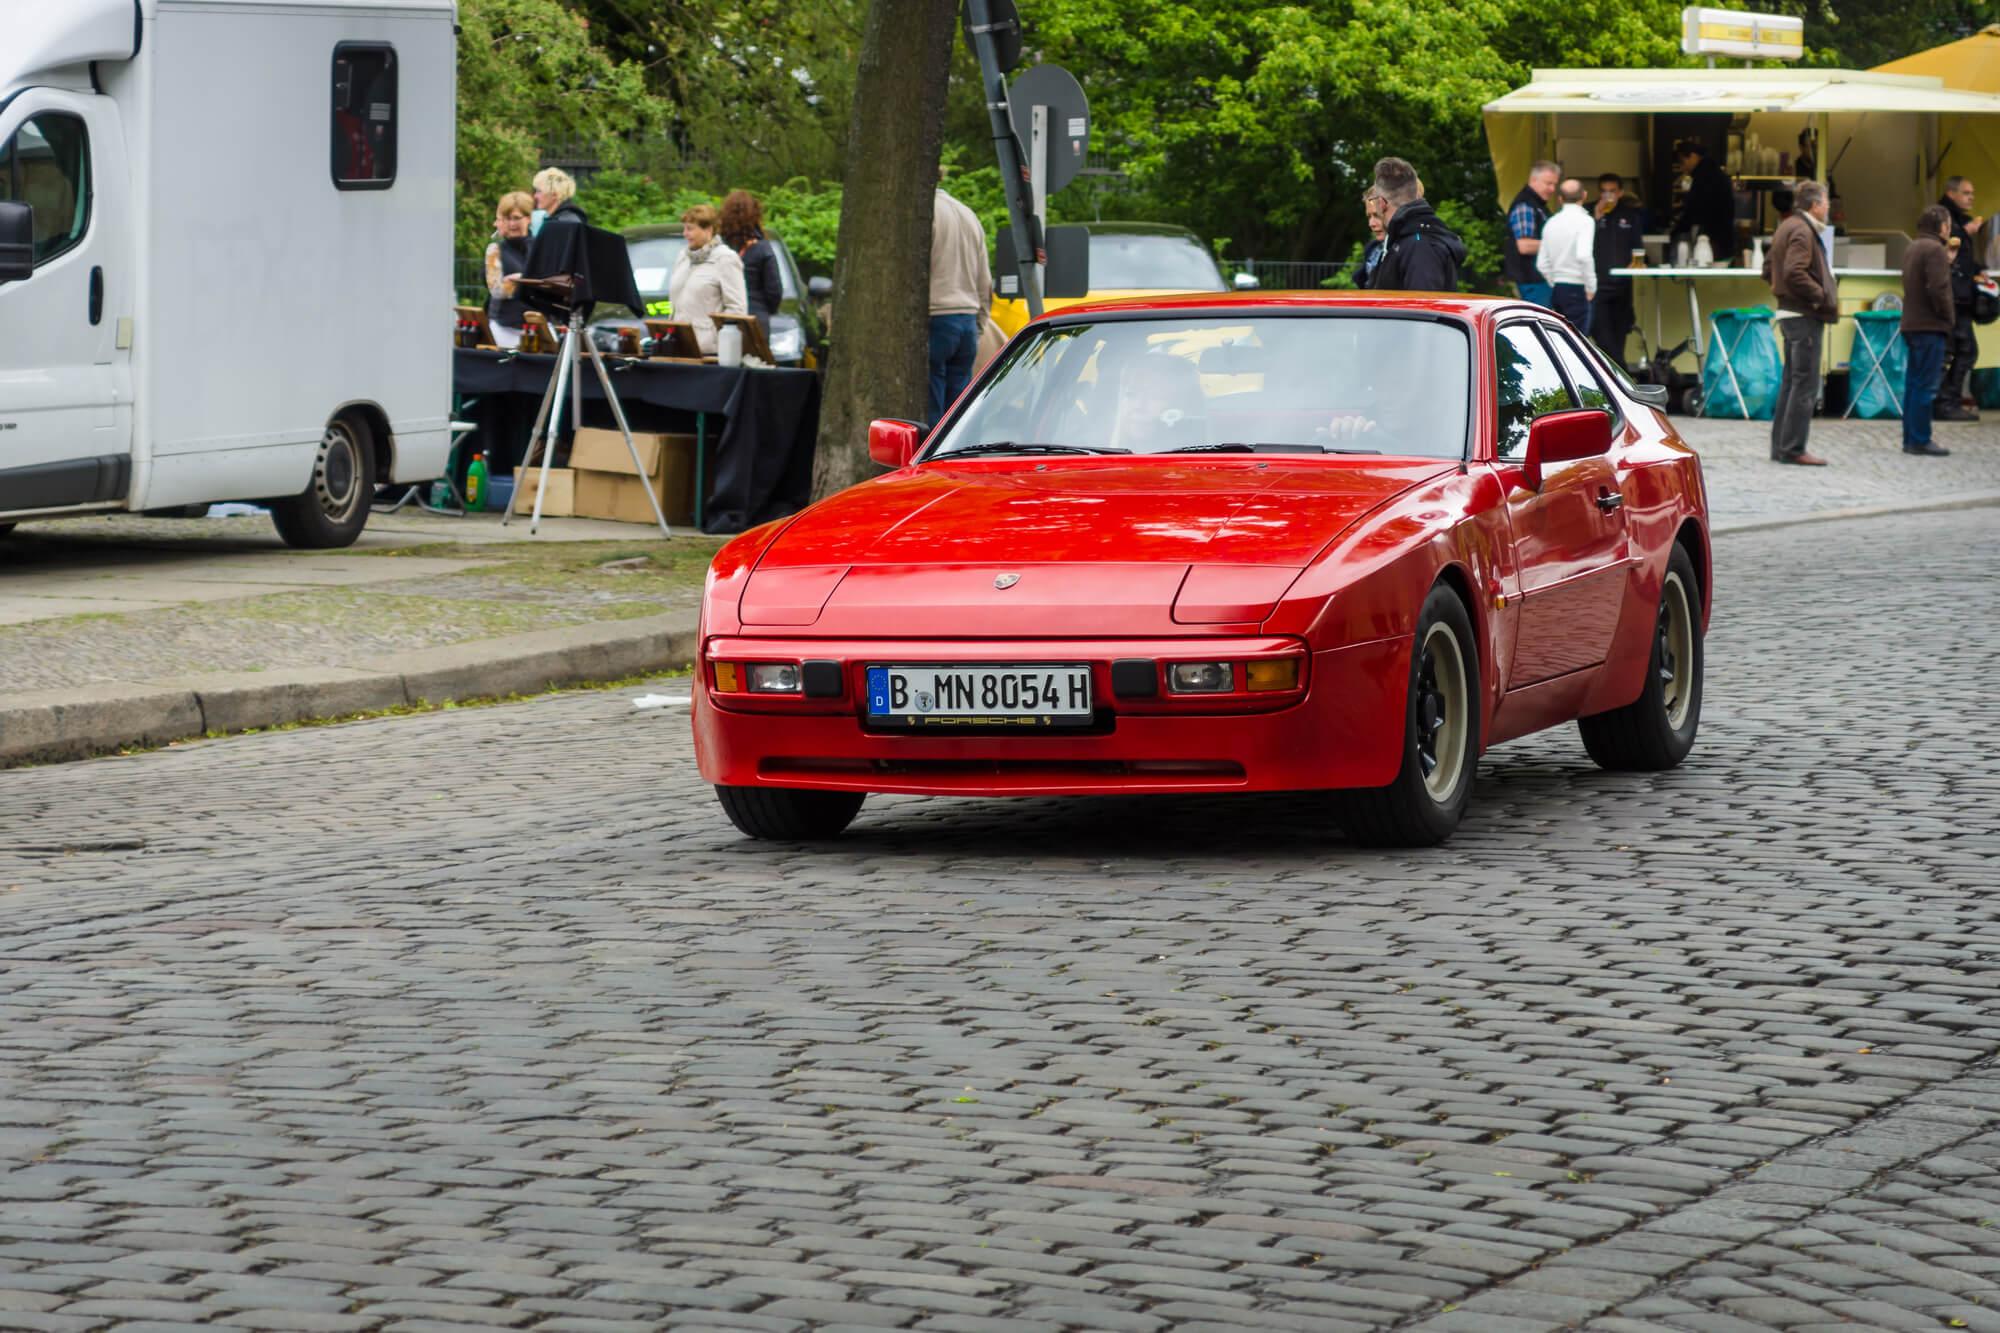 Porsche 924 on street